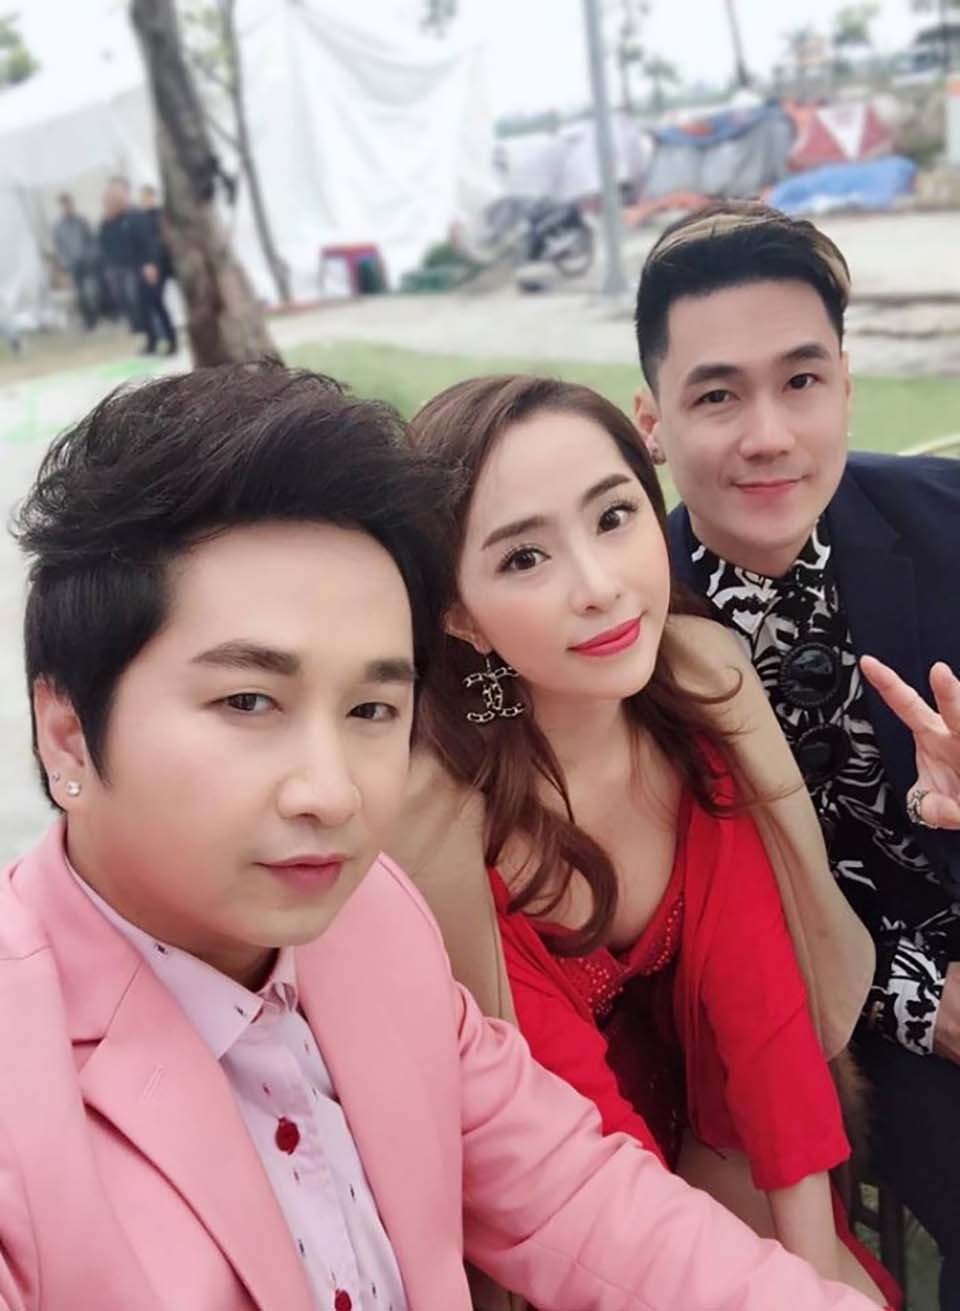 Gặp lại sau 4 năm từ mặt, Quỳnh Nga nói điều bất ngờ với tình cũ Khánh Phương - Ảnh 1